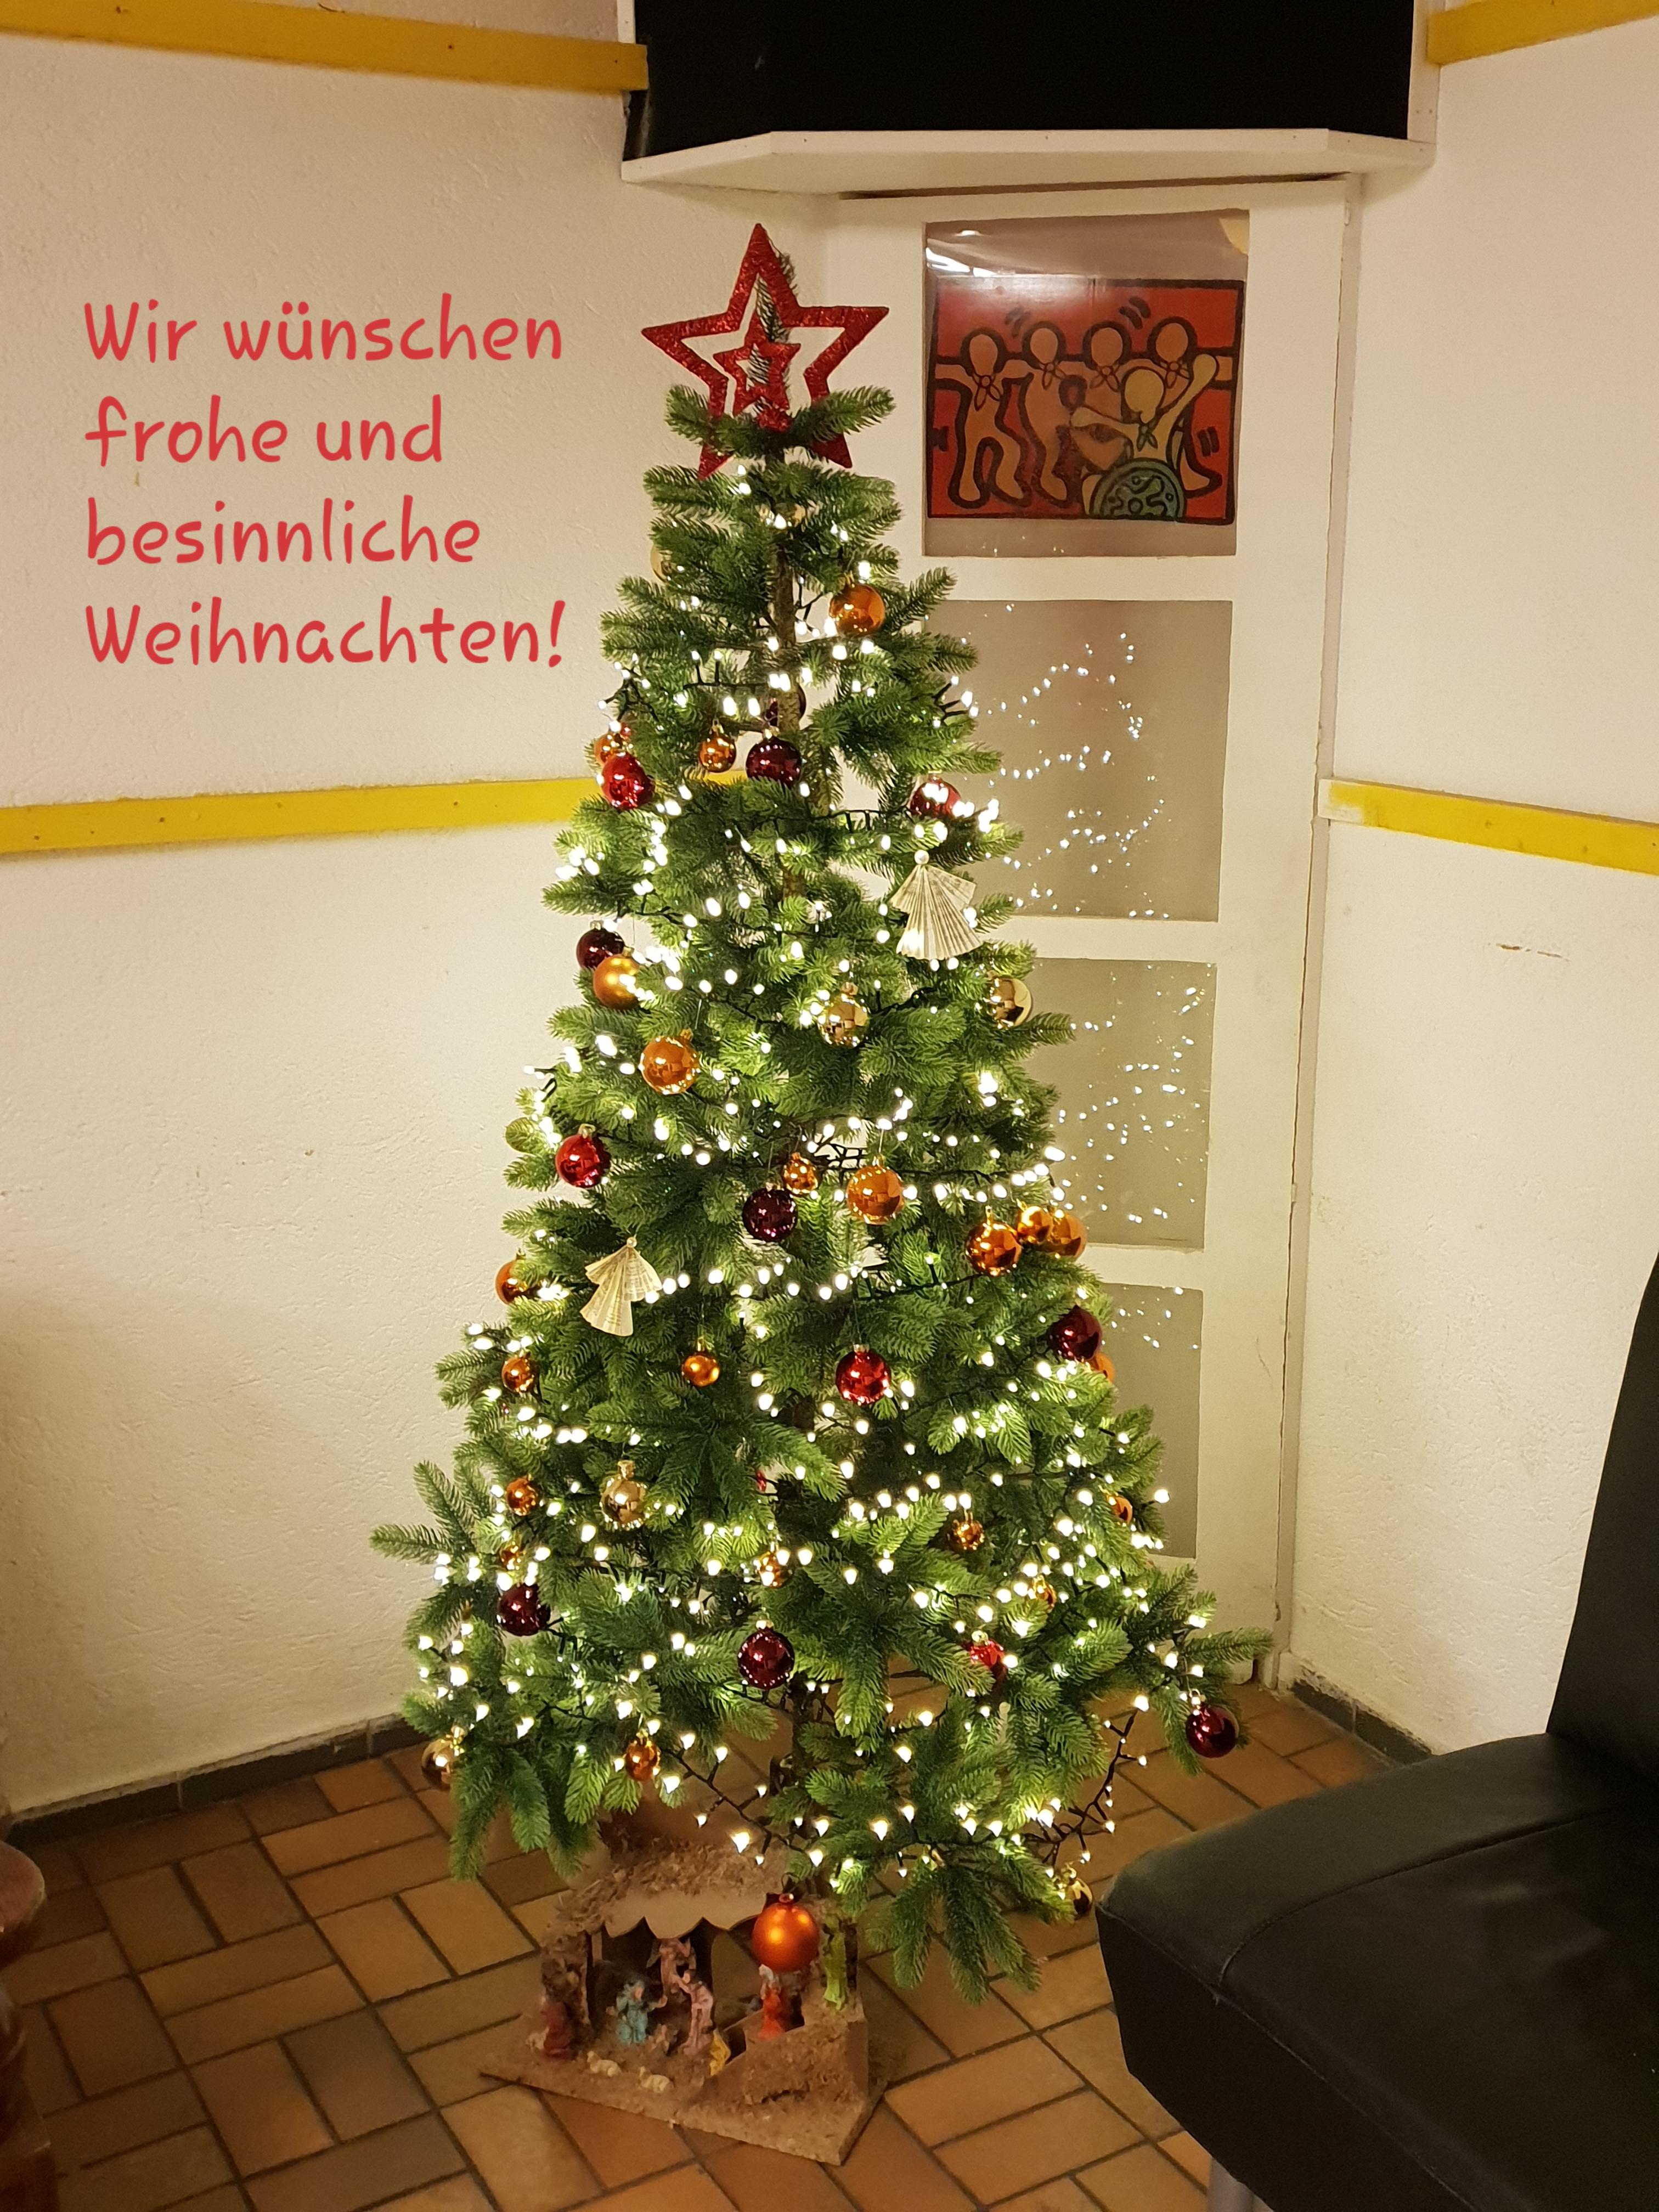 Wünsche Euch Besinnliche Weihnachten.Frohe Weihnachten Dpsg St Konrad Speyer